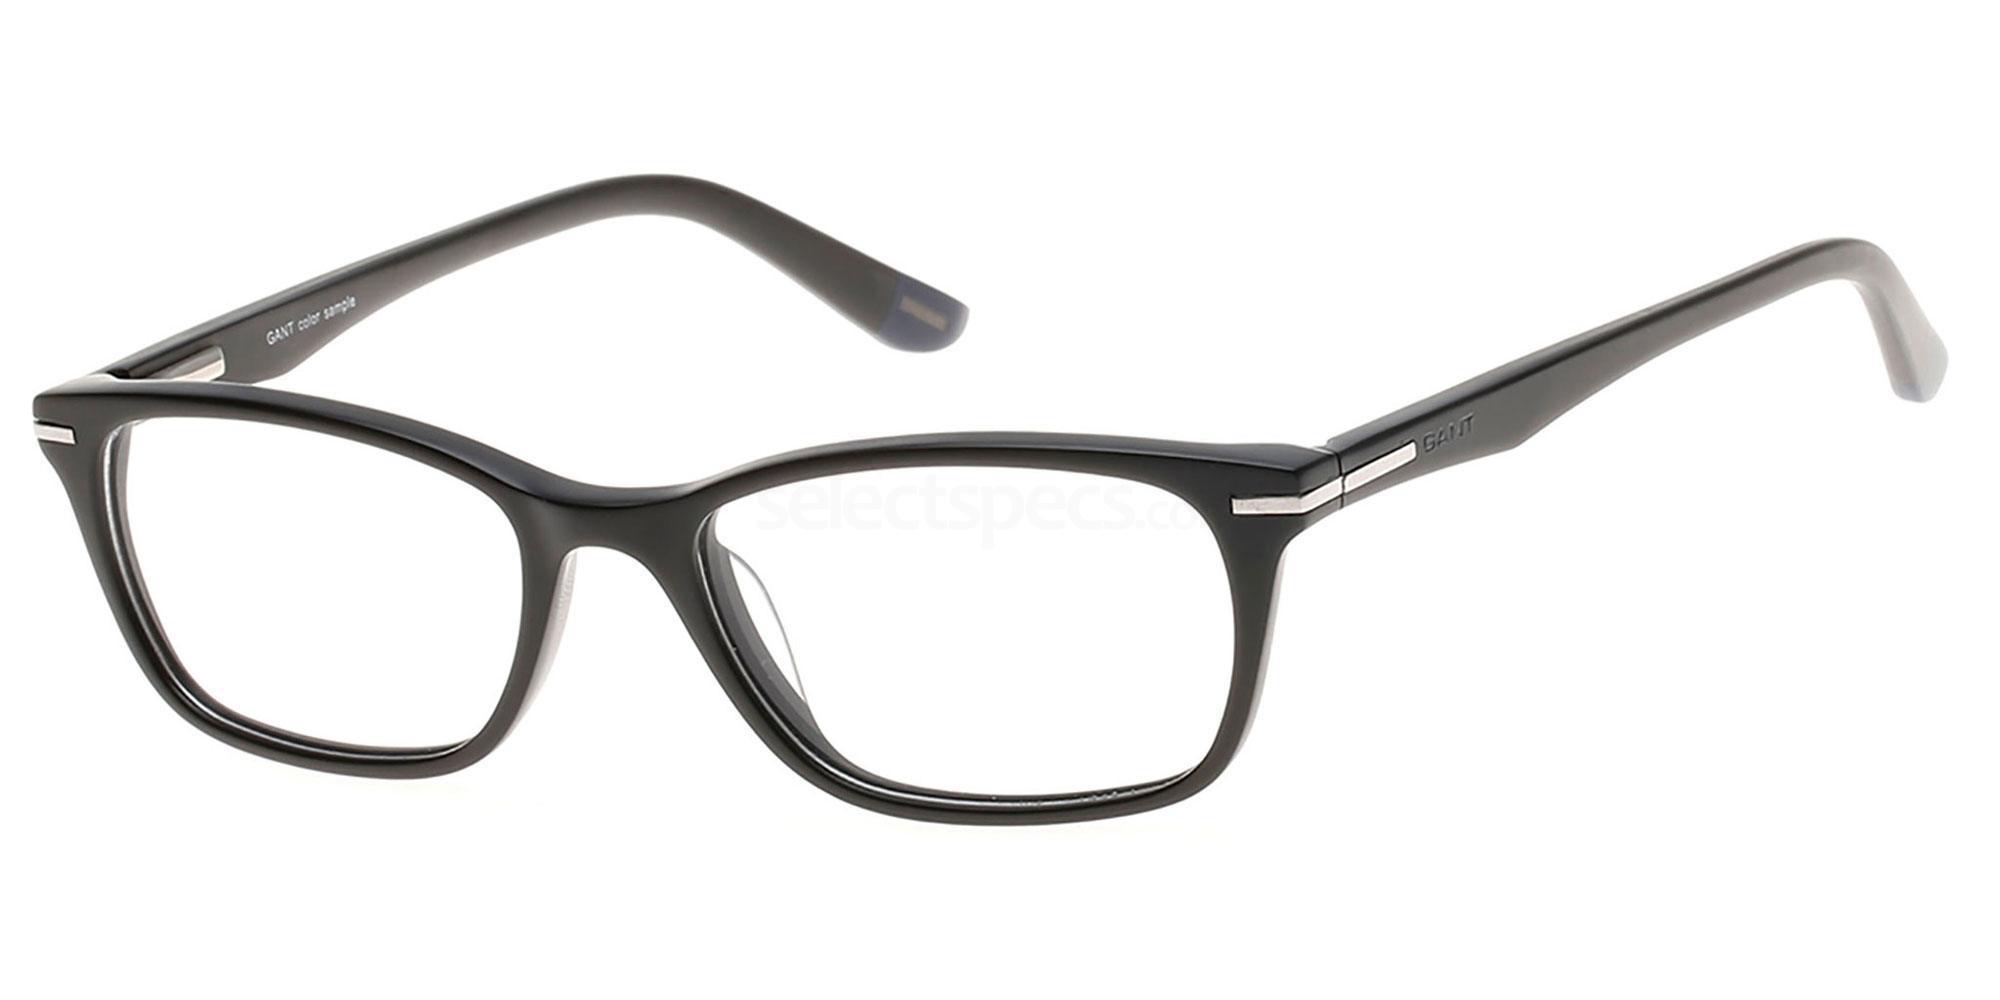 002 GA3059 Glasses, Gant